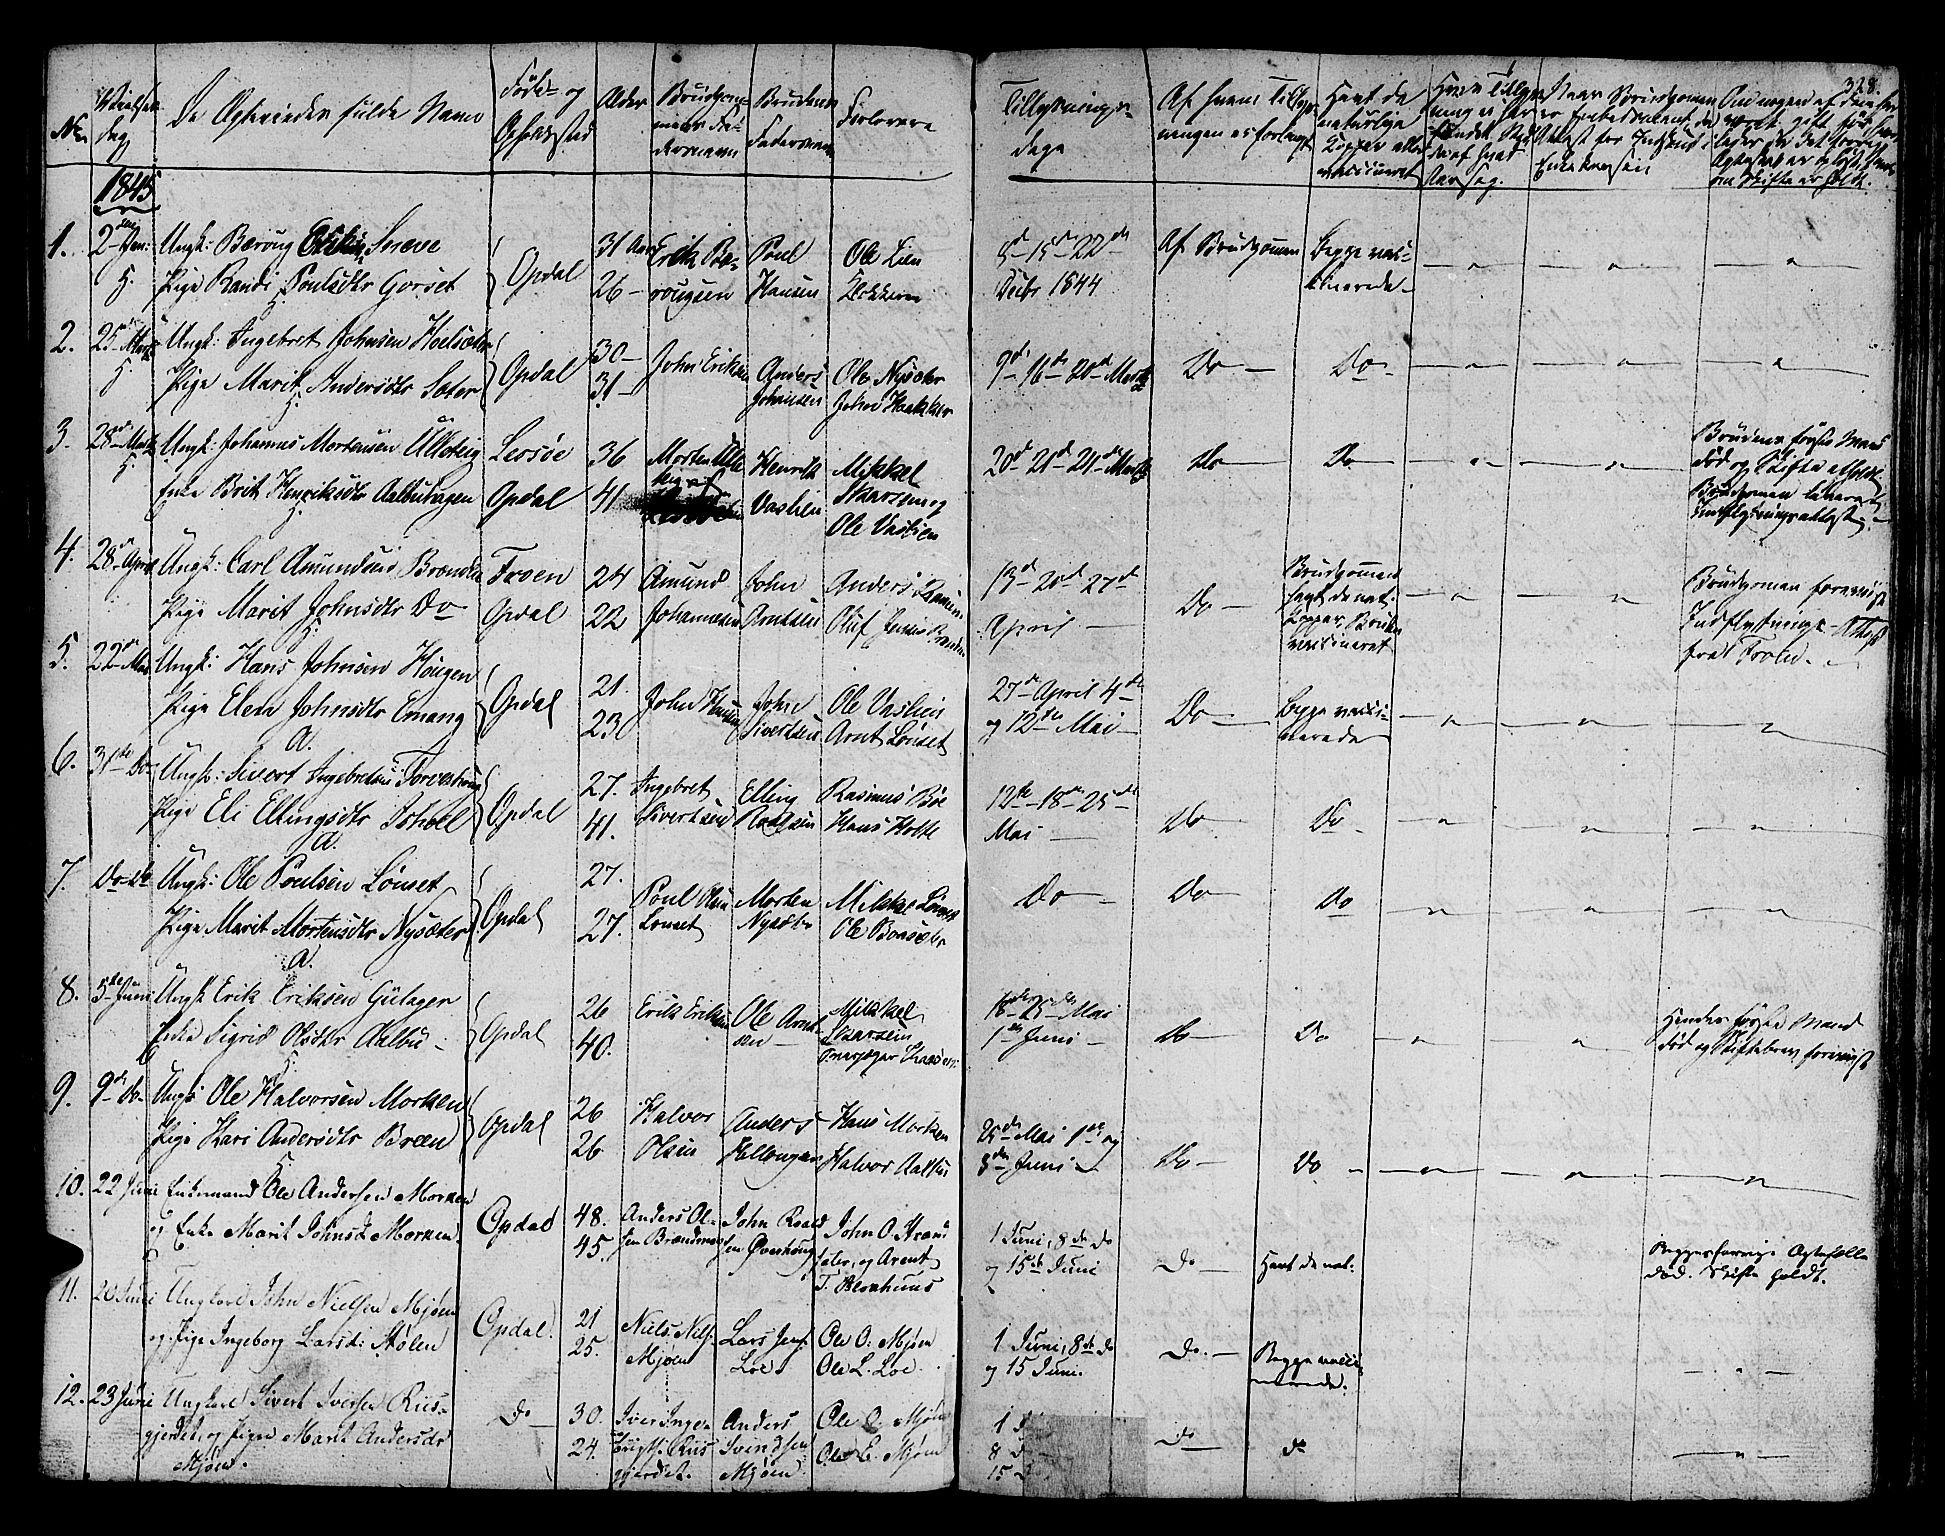 SAT, Ministerialprotokoller, klokkerbøker og fødselsregistre - Sør-Trøndelag, 678/L0897: Ministerialbok nr. 678A06-07, 1821-1847, s. 328